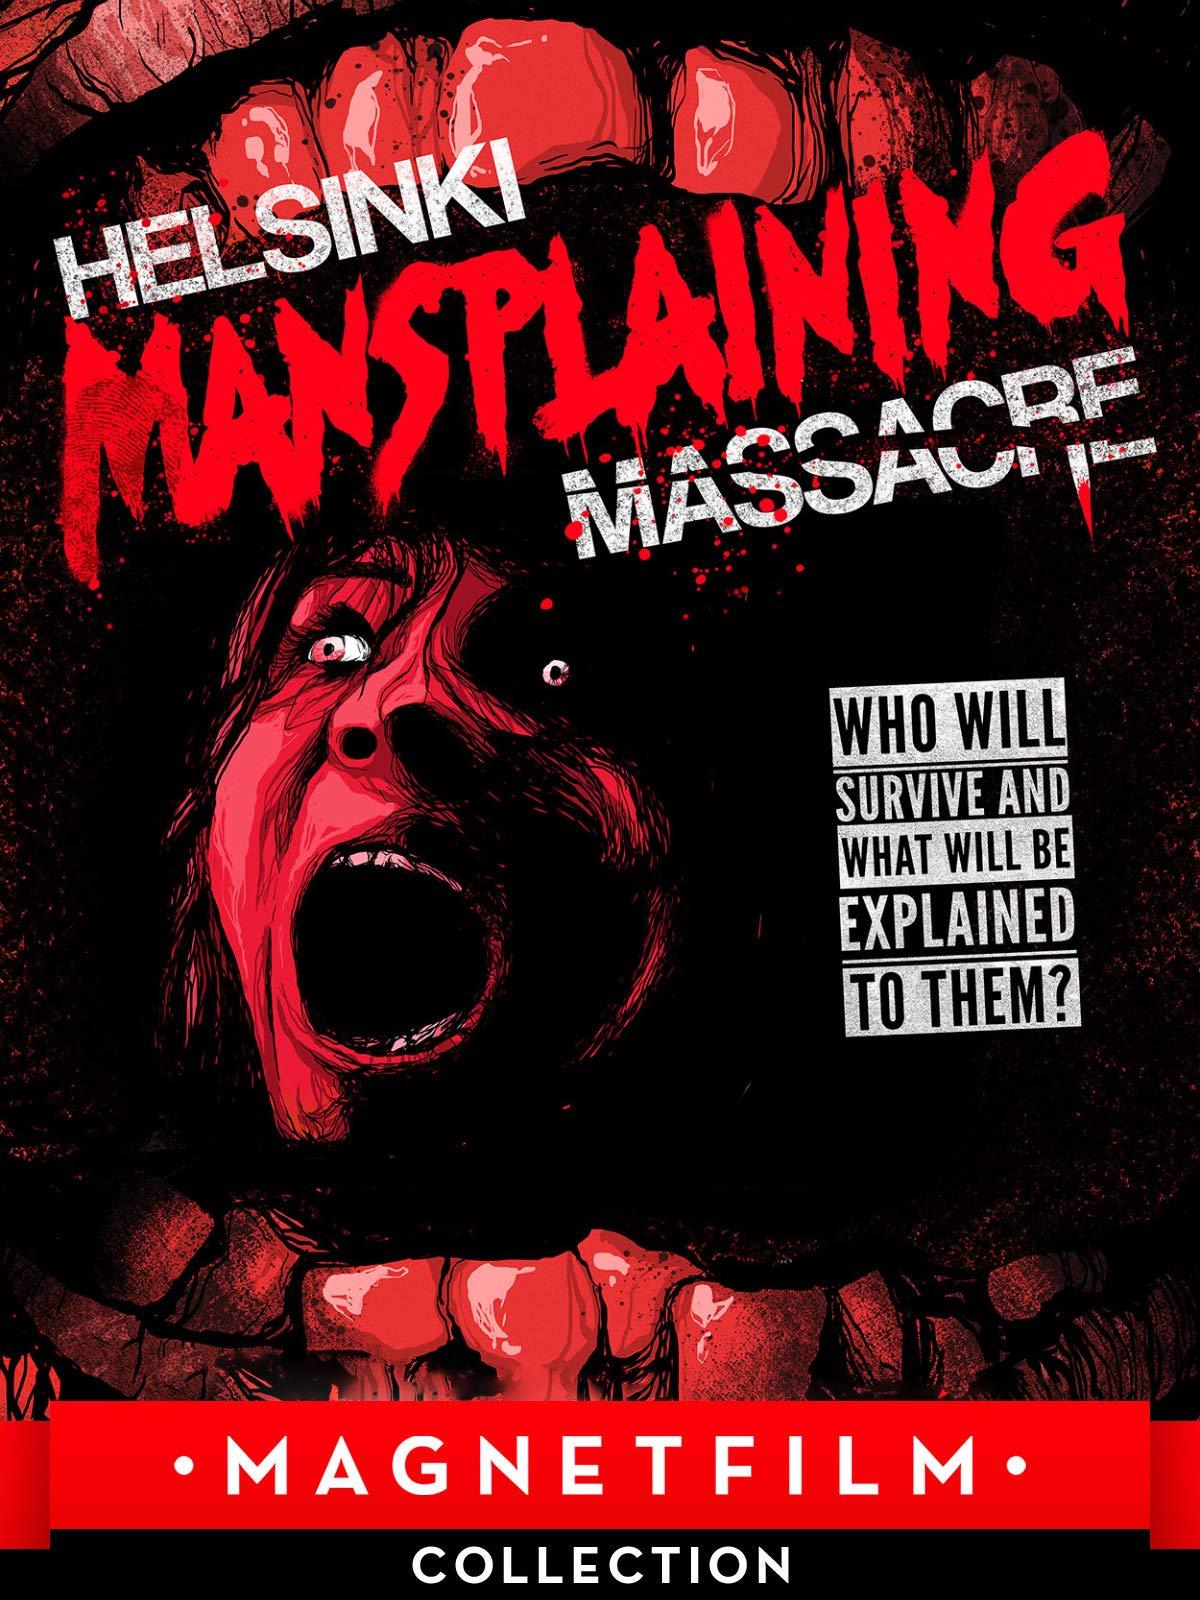 Helsinki Mansplaining Massacre